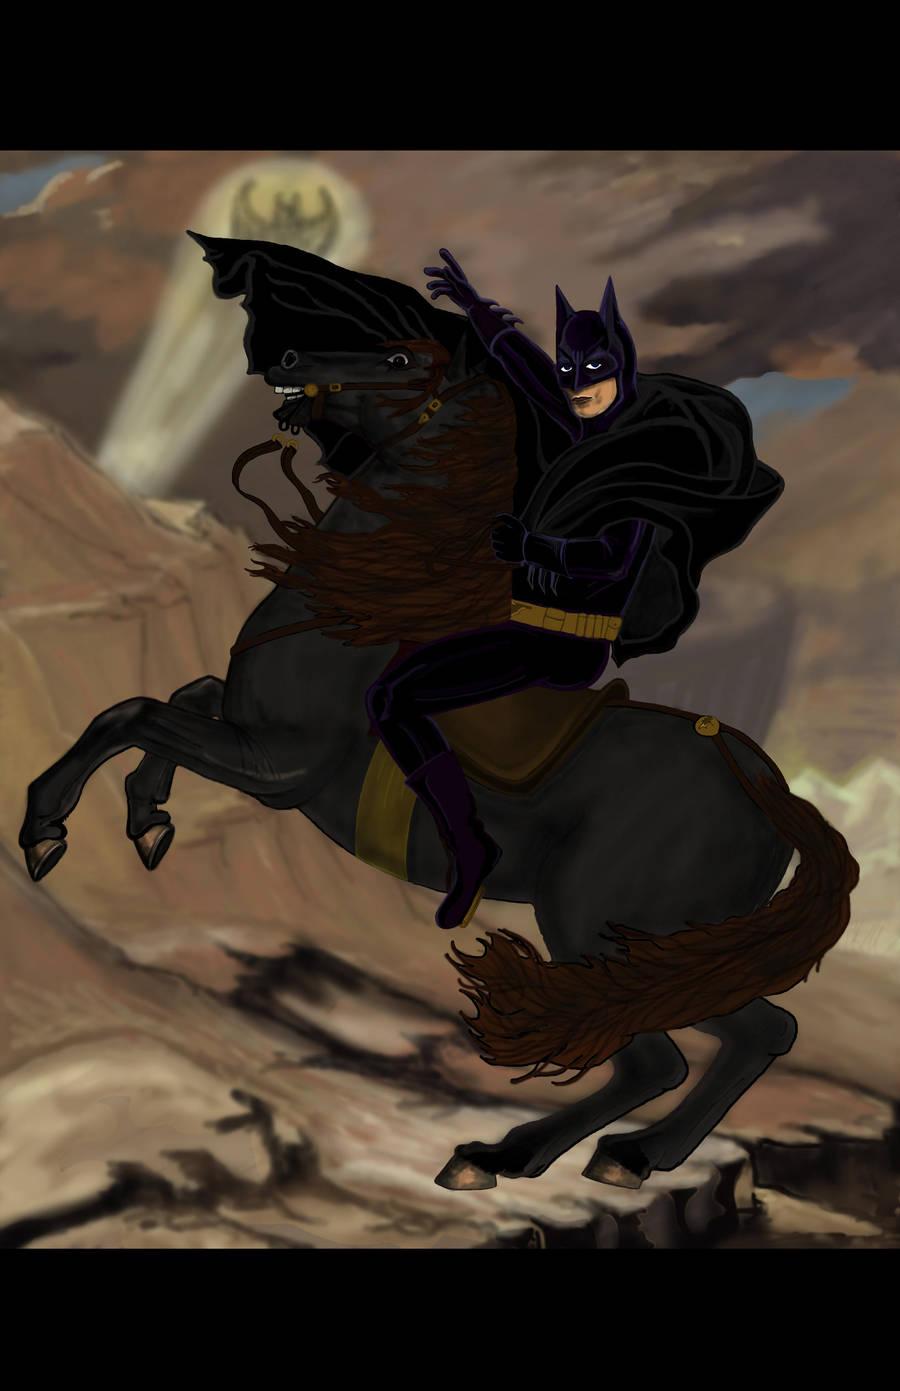 Batman Crossing the Alps by truncheonm